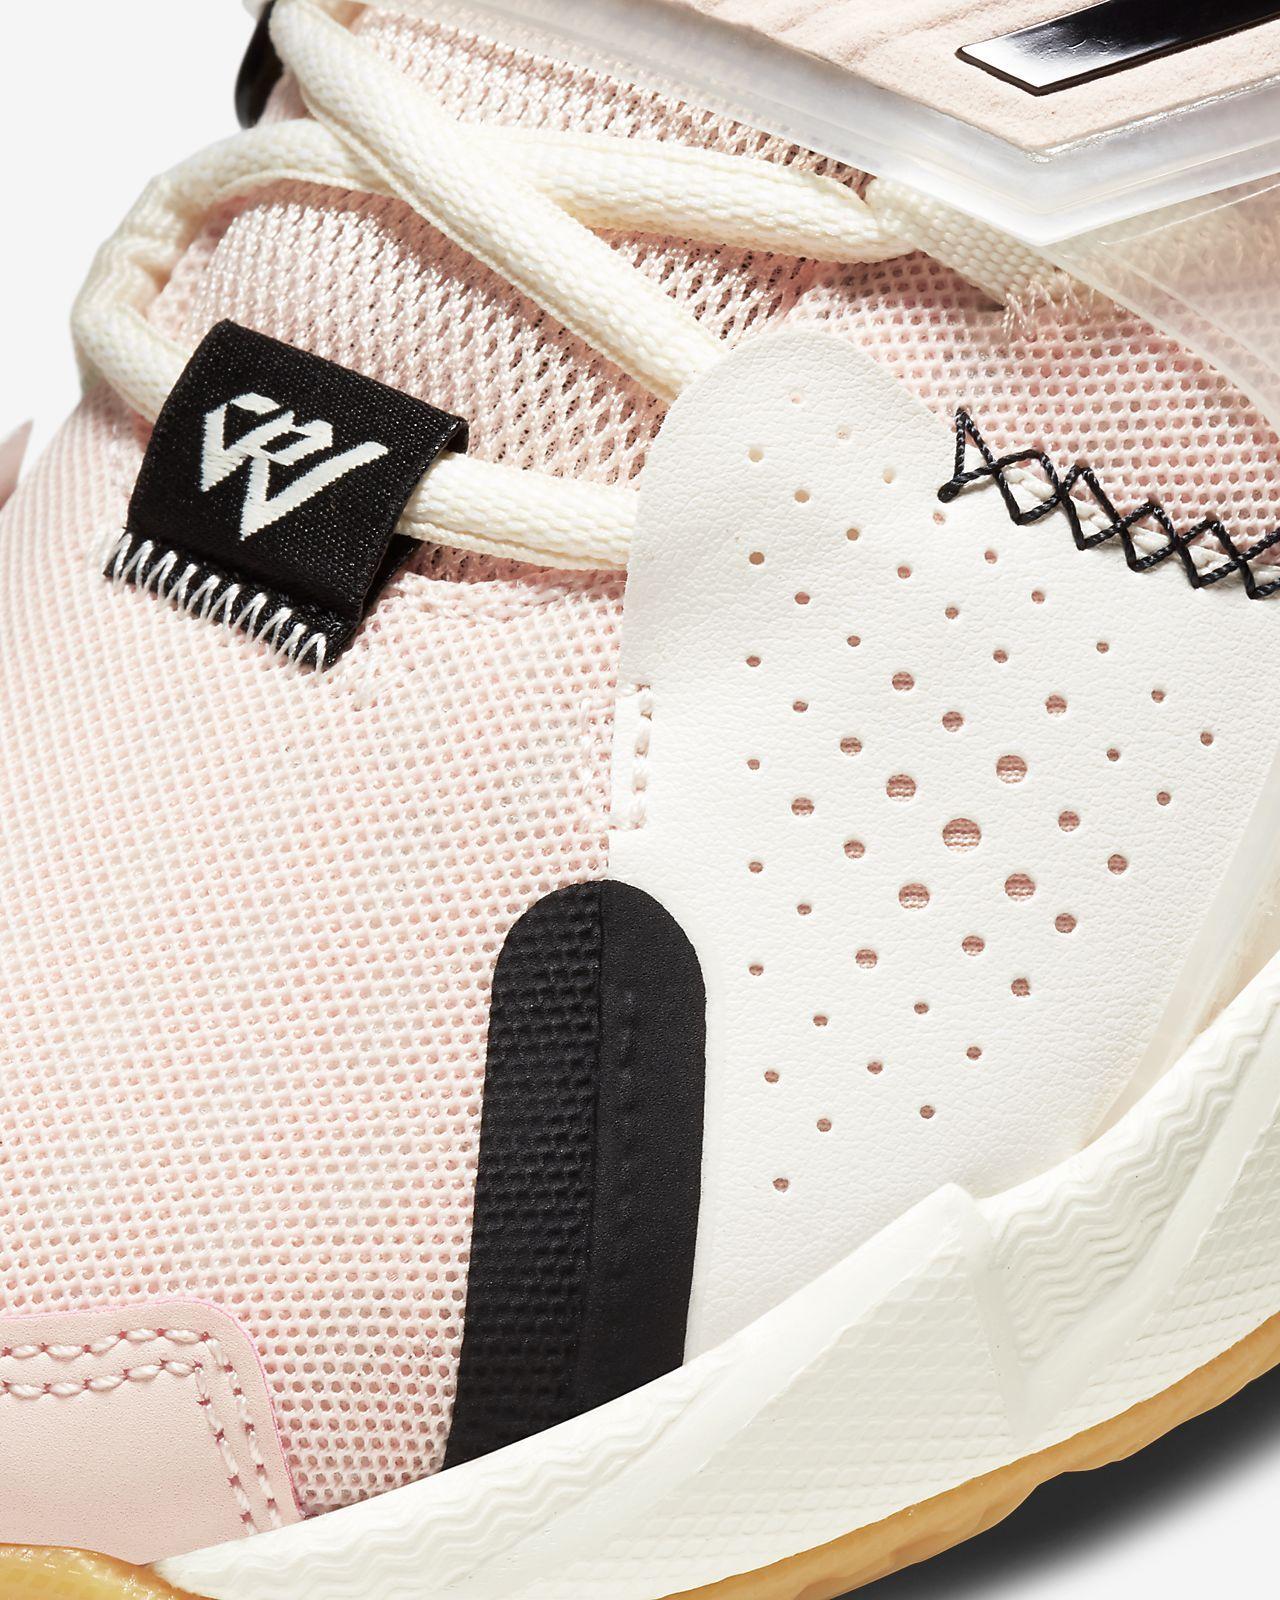 Jordan Why Not Zer0 3 Basketball Shoe Nike Com Basketball Shoes Best Basketball Shoes Jordans